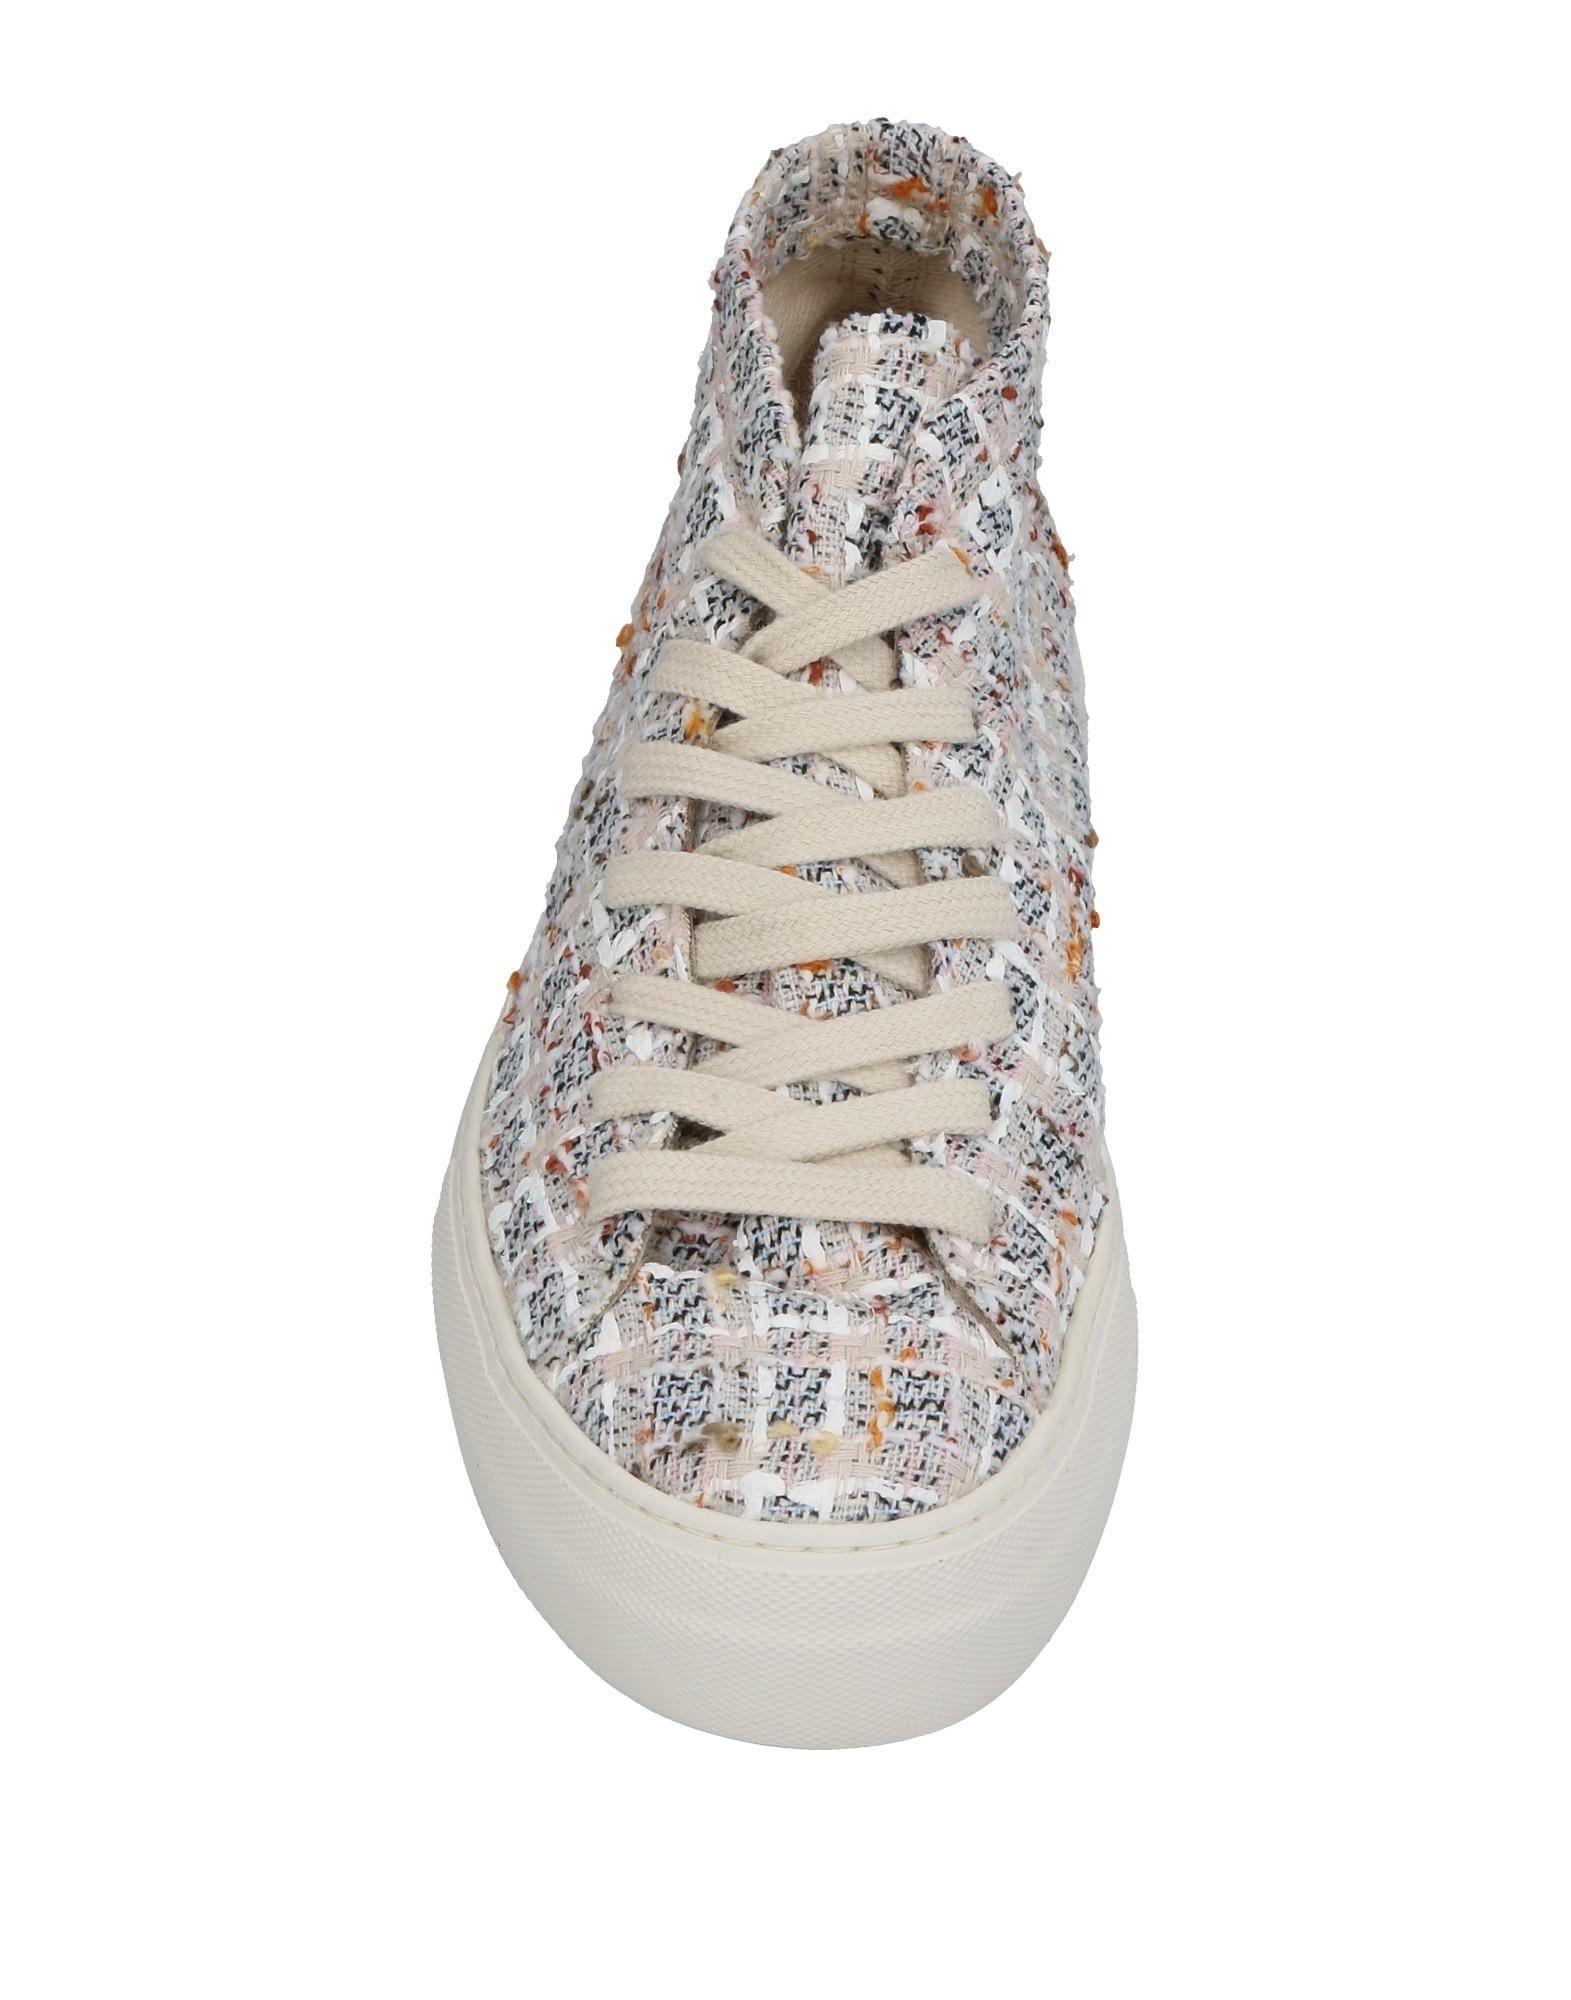 Diemme Qualität Sneakers Damen  11393110WT Gute Qualität Diemme beliebte Schuhe 3e451e